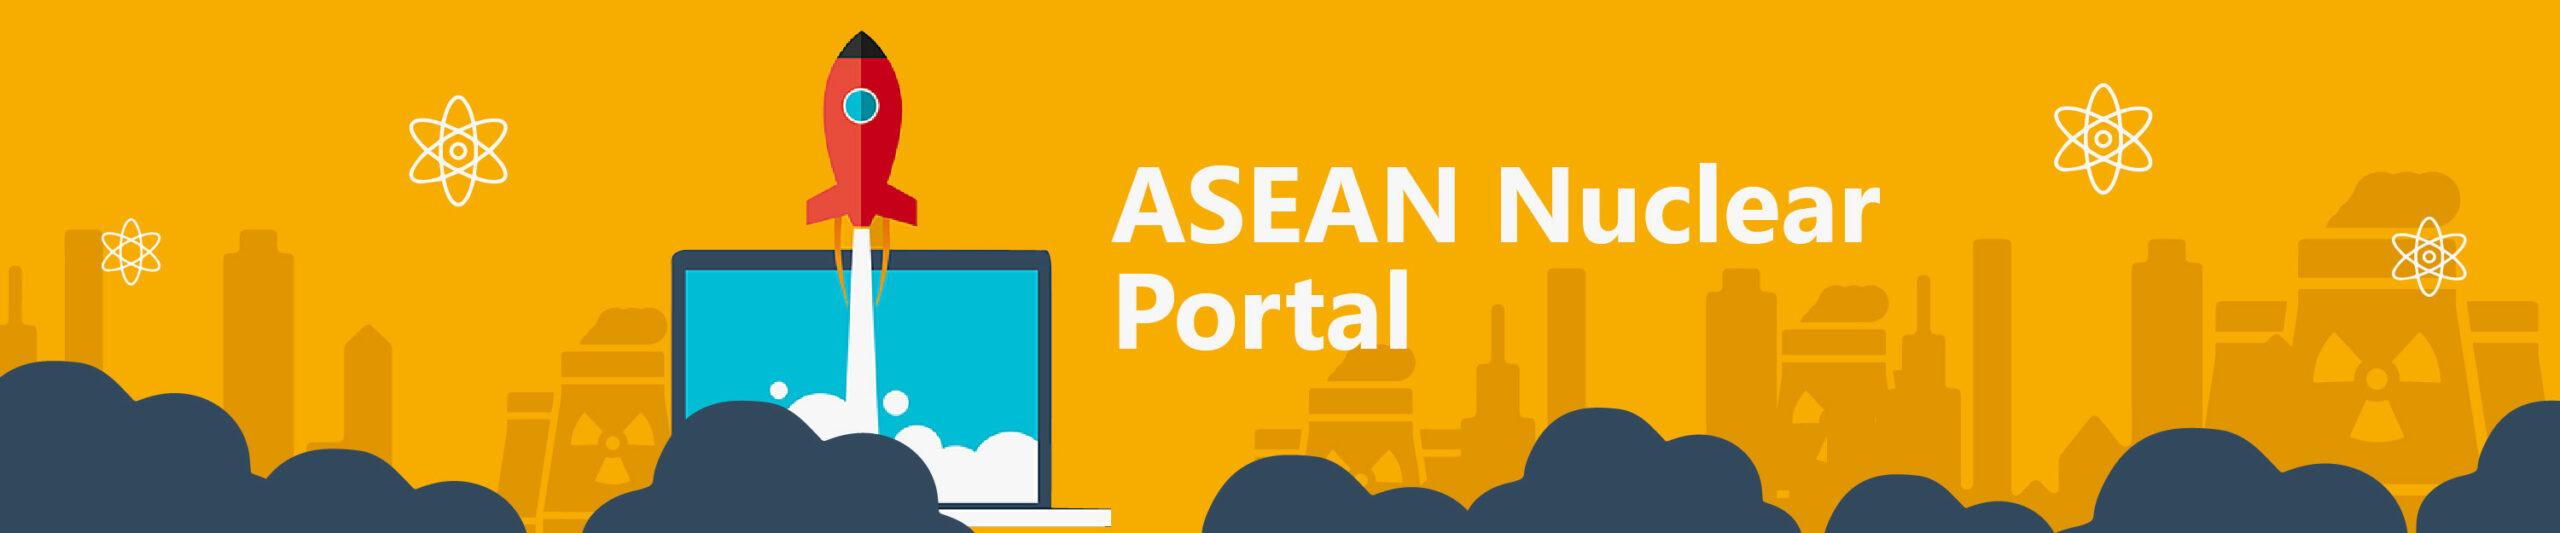 ASEAN Nuclear Portal